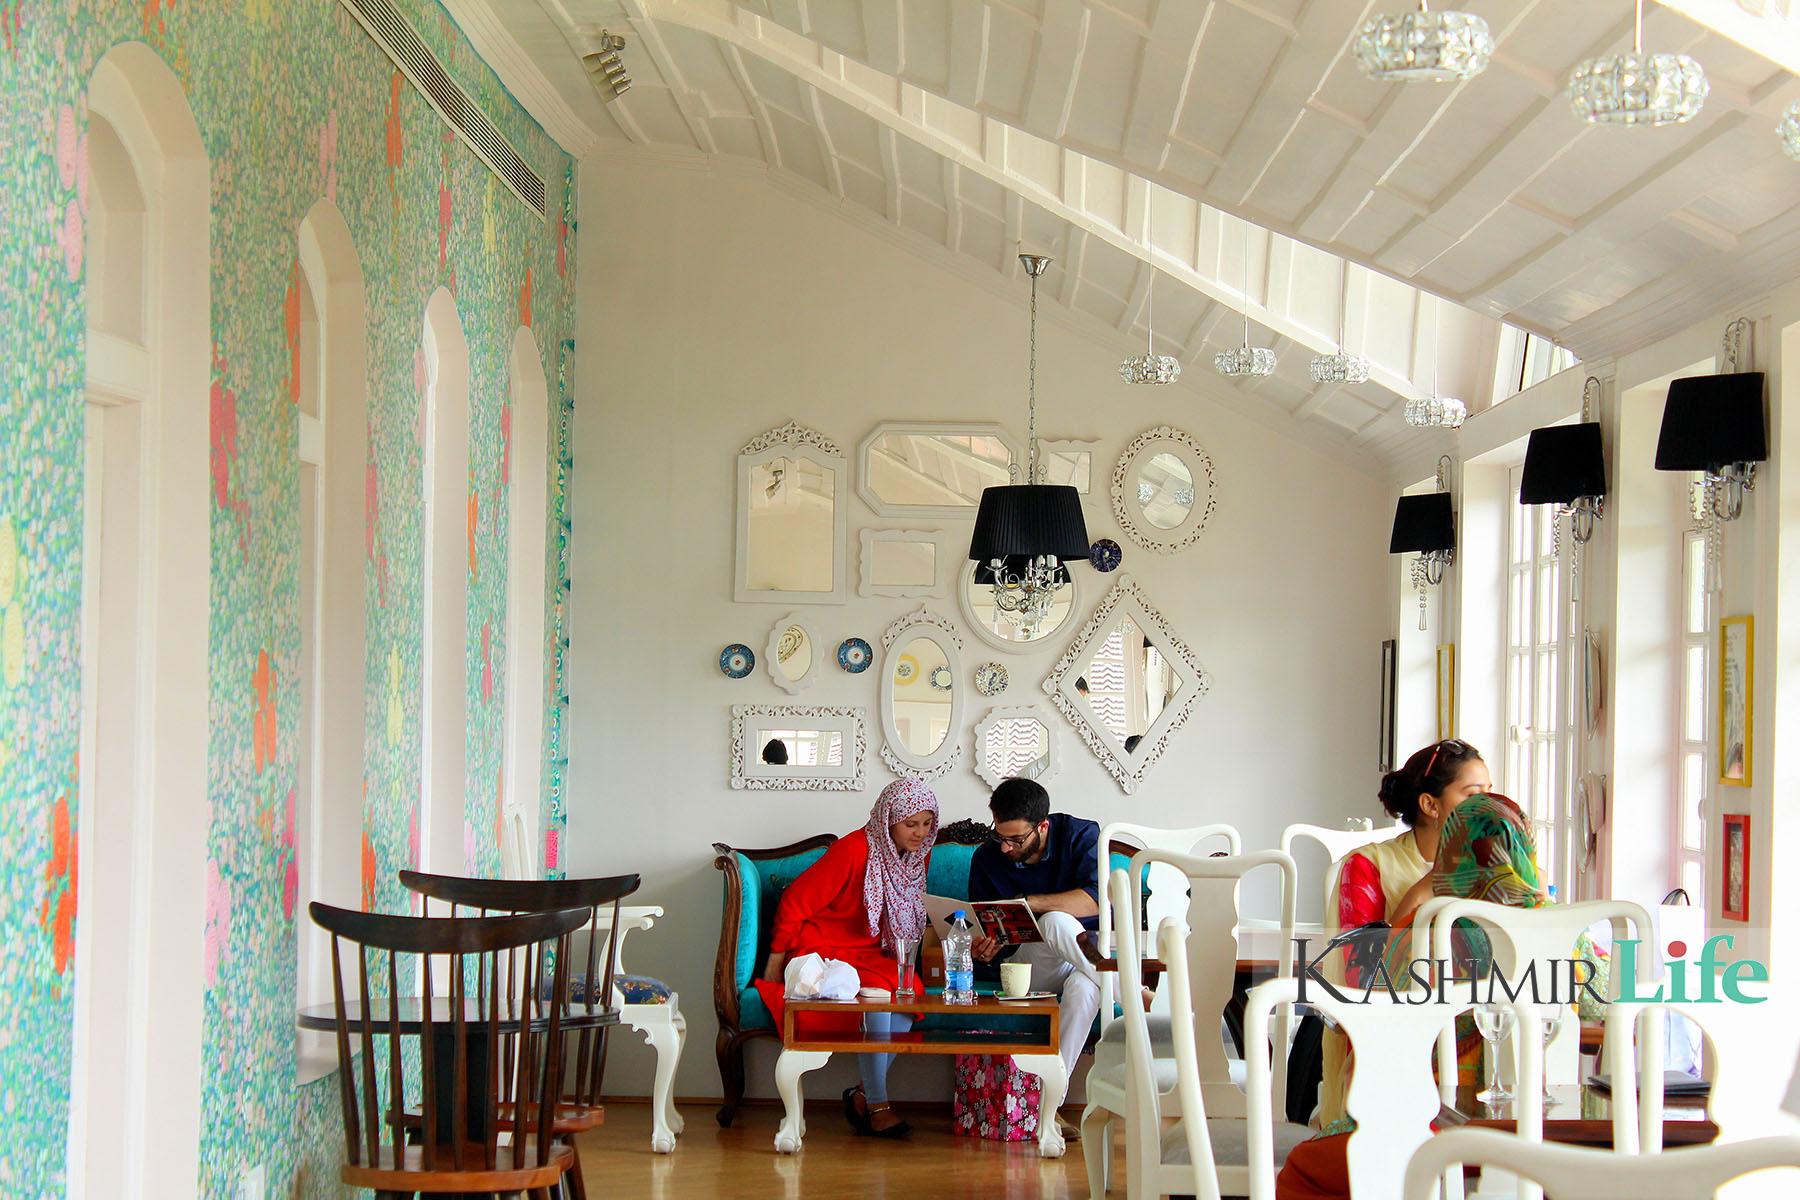 Best Restaurants in Srinagar, Places to visit in Srinagar